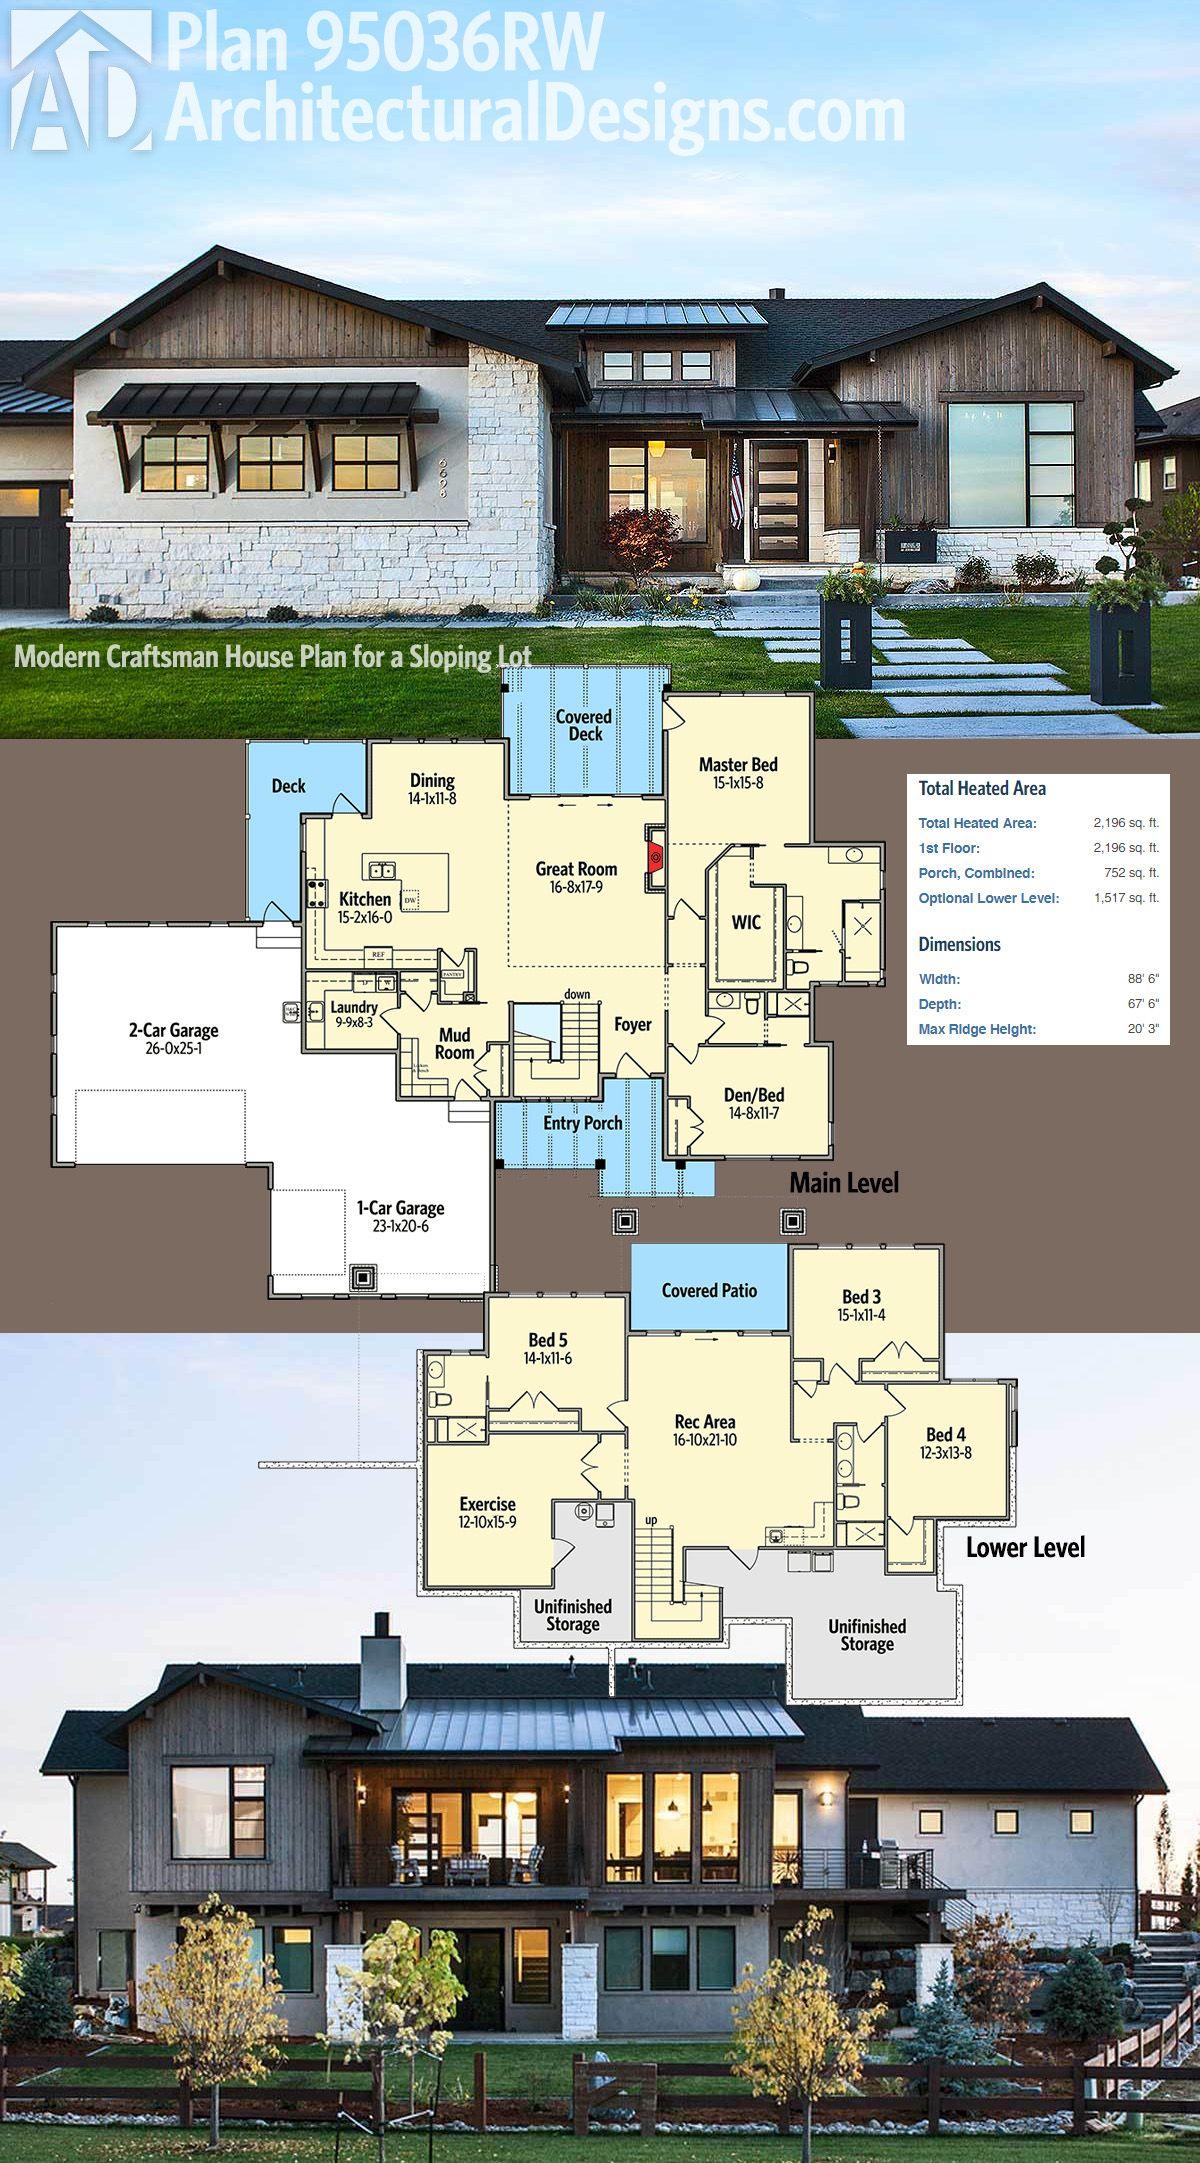 Plan 95036rw Craftsman House Plan For A Sloping Lot Craftsman